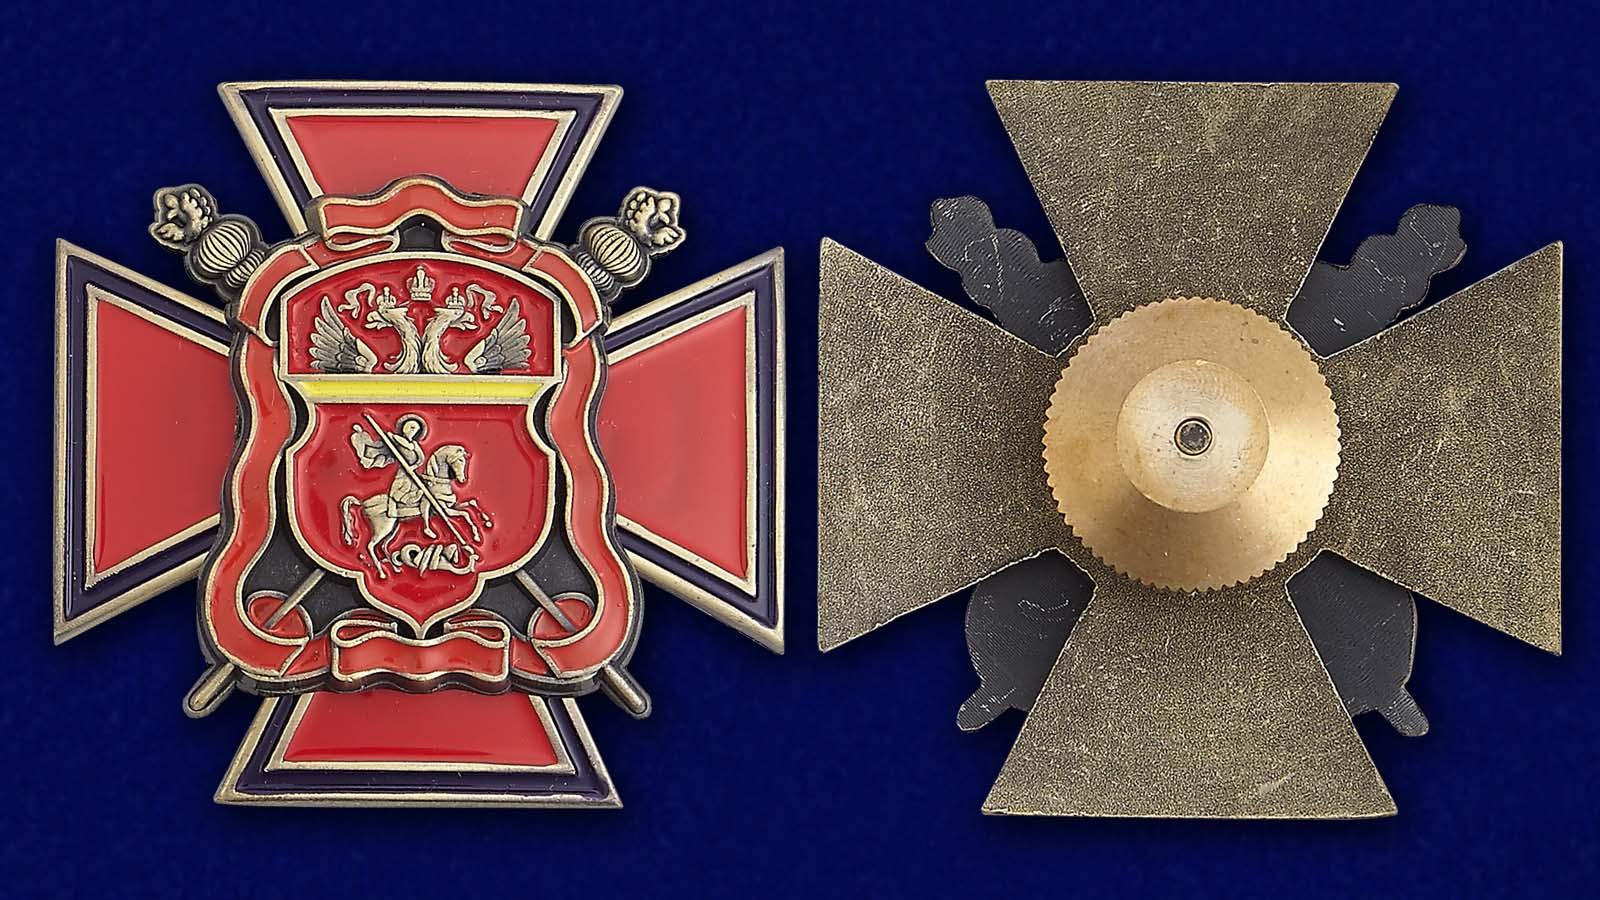 """Крест """"Центрального казачьего войска"""" в нарядном бархатистом футляре - аверс и реверс"""